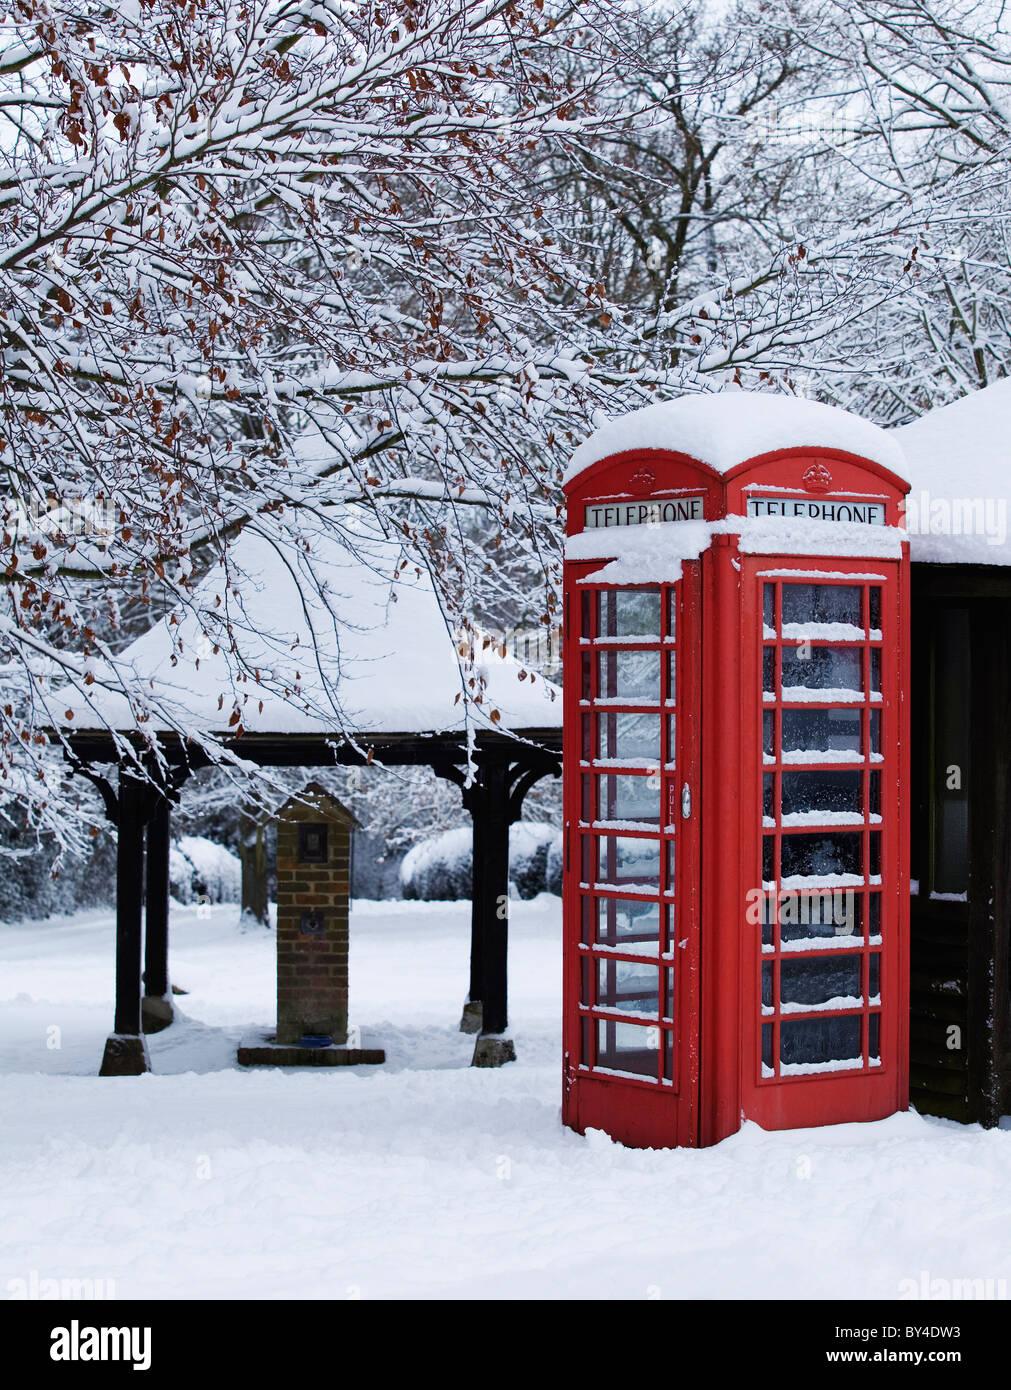 Teléfono rojo tradicional caja con nieve en una aldea inglesa verde Imagen De Stock